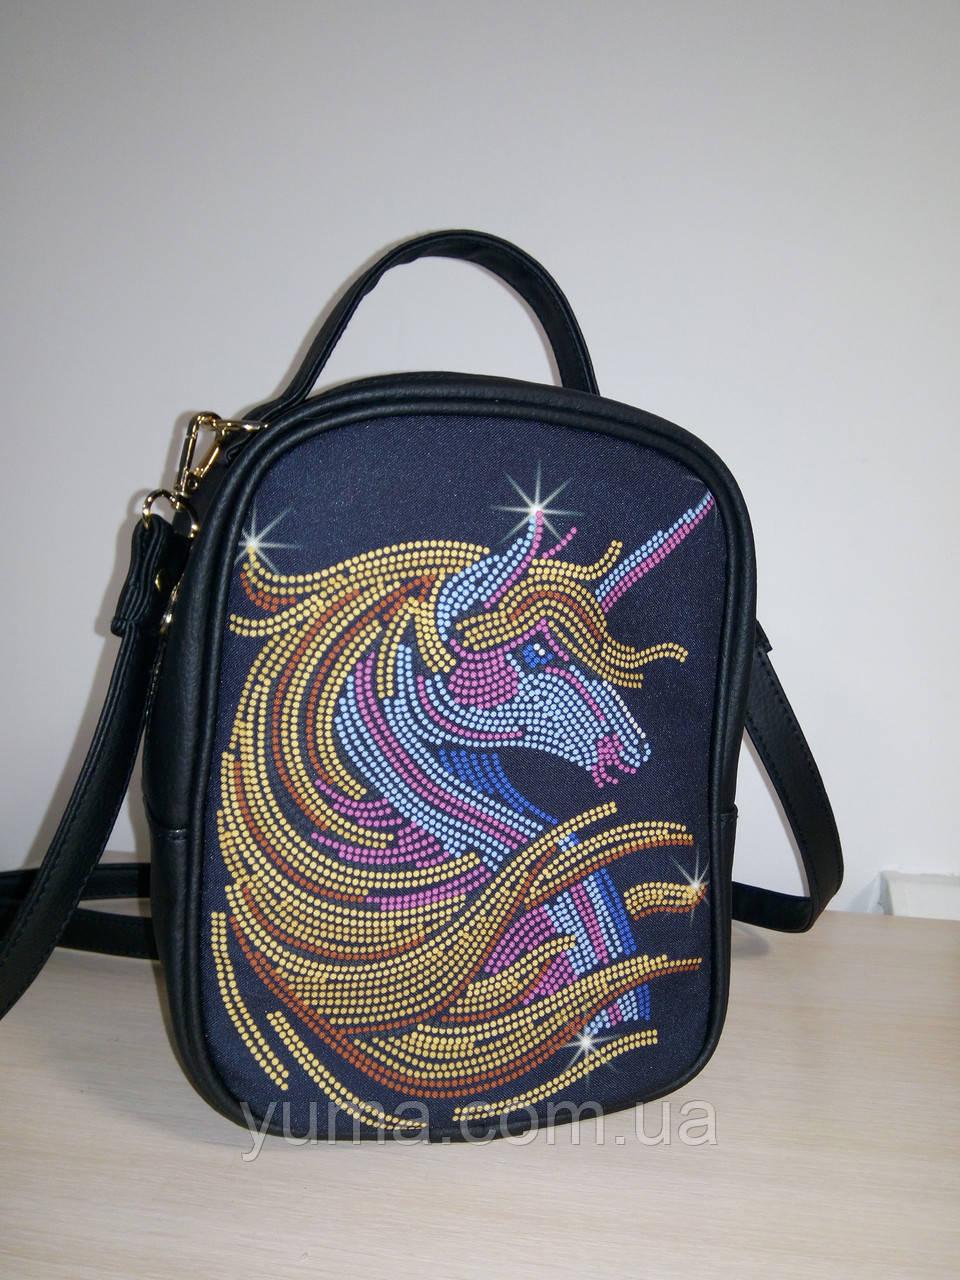 Сумка-рюкзак для вышивки бисером   Рюкзак М1 С24 черный  кожзам Единорог